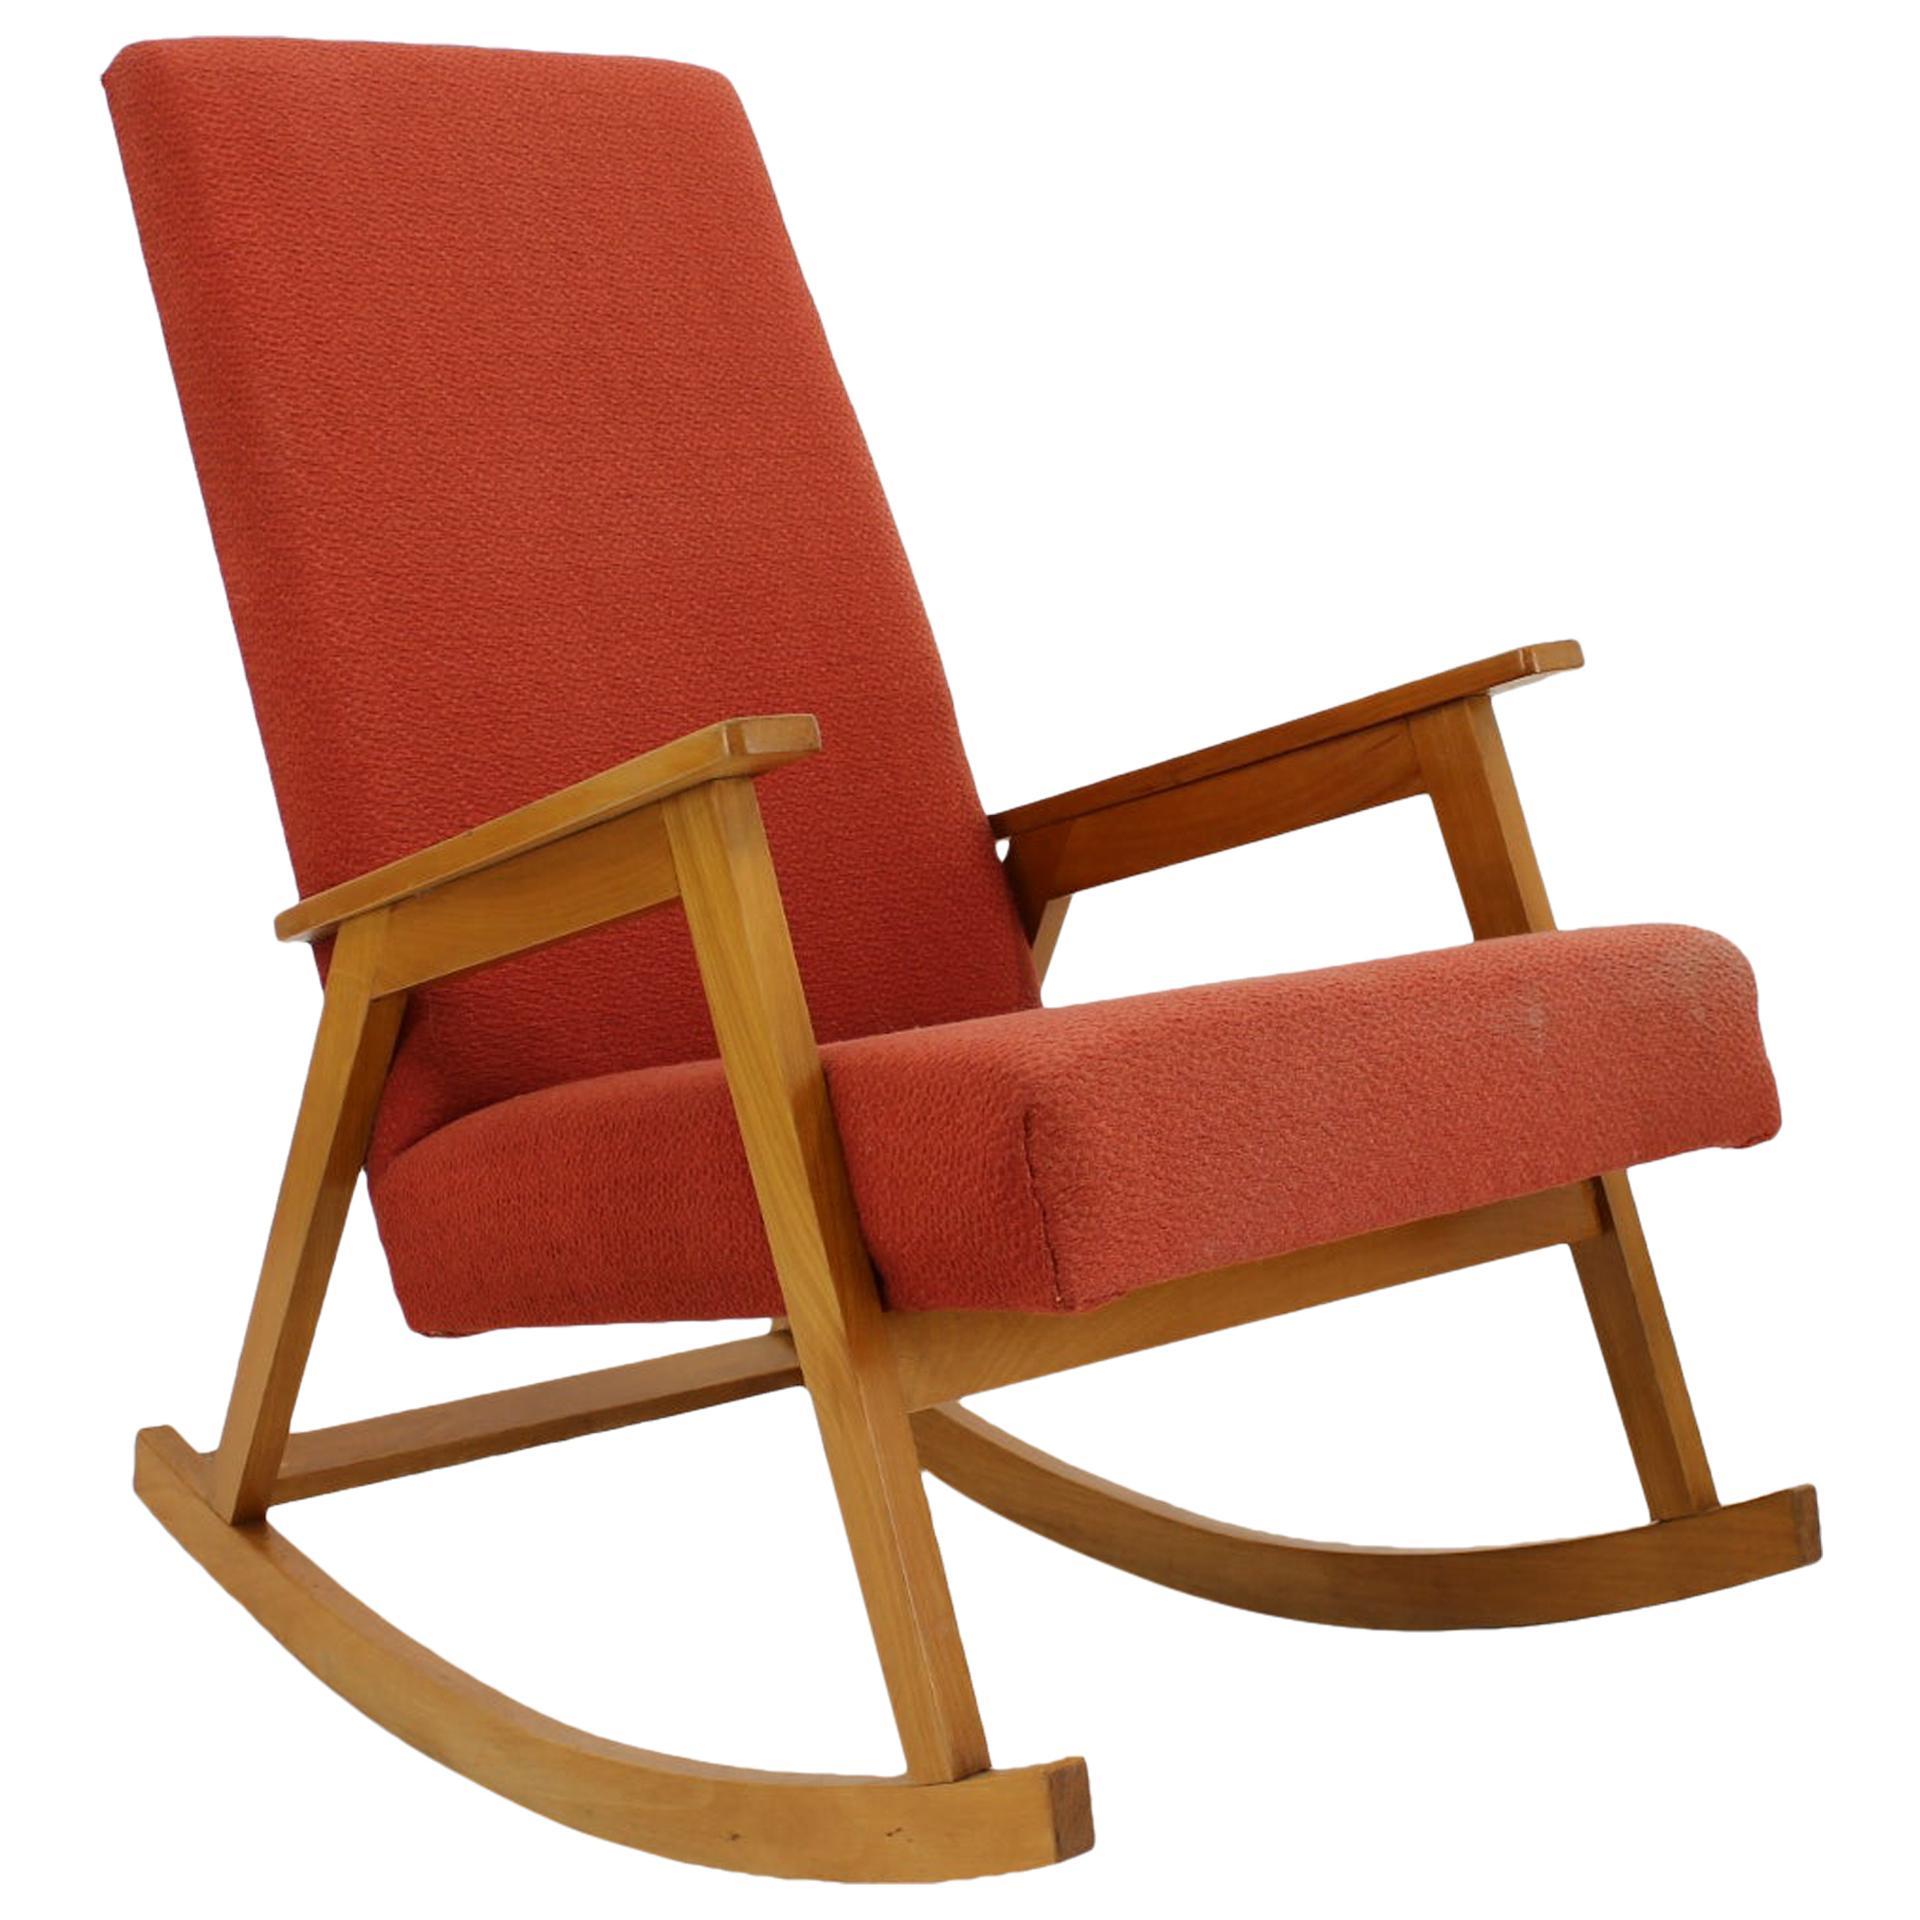 1960s Rocking Chair, Czechoslovakia